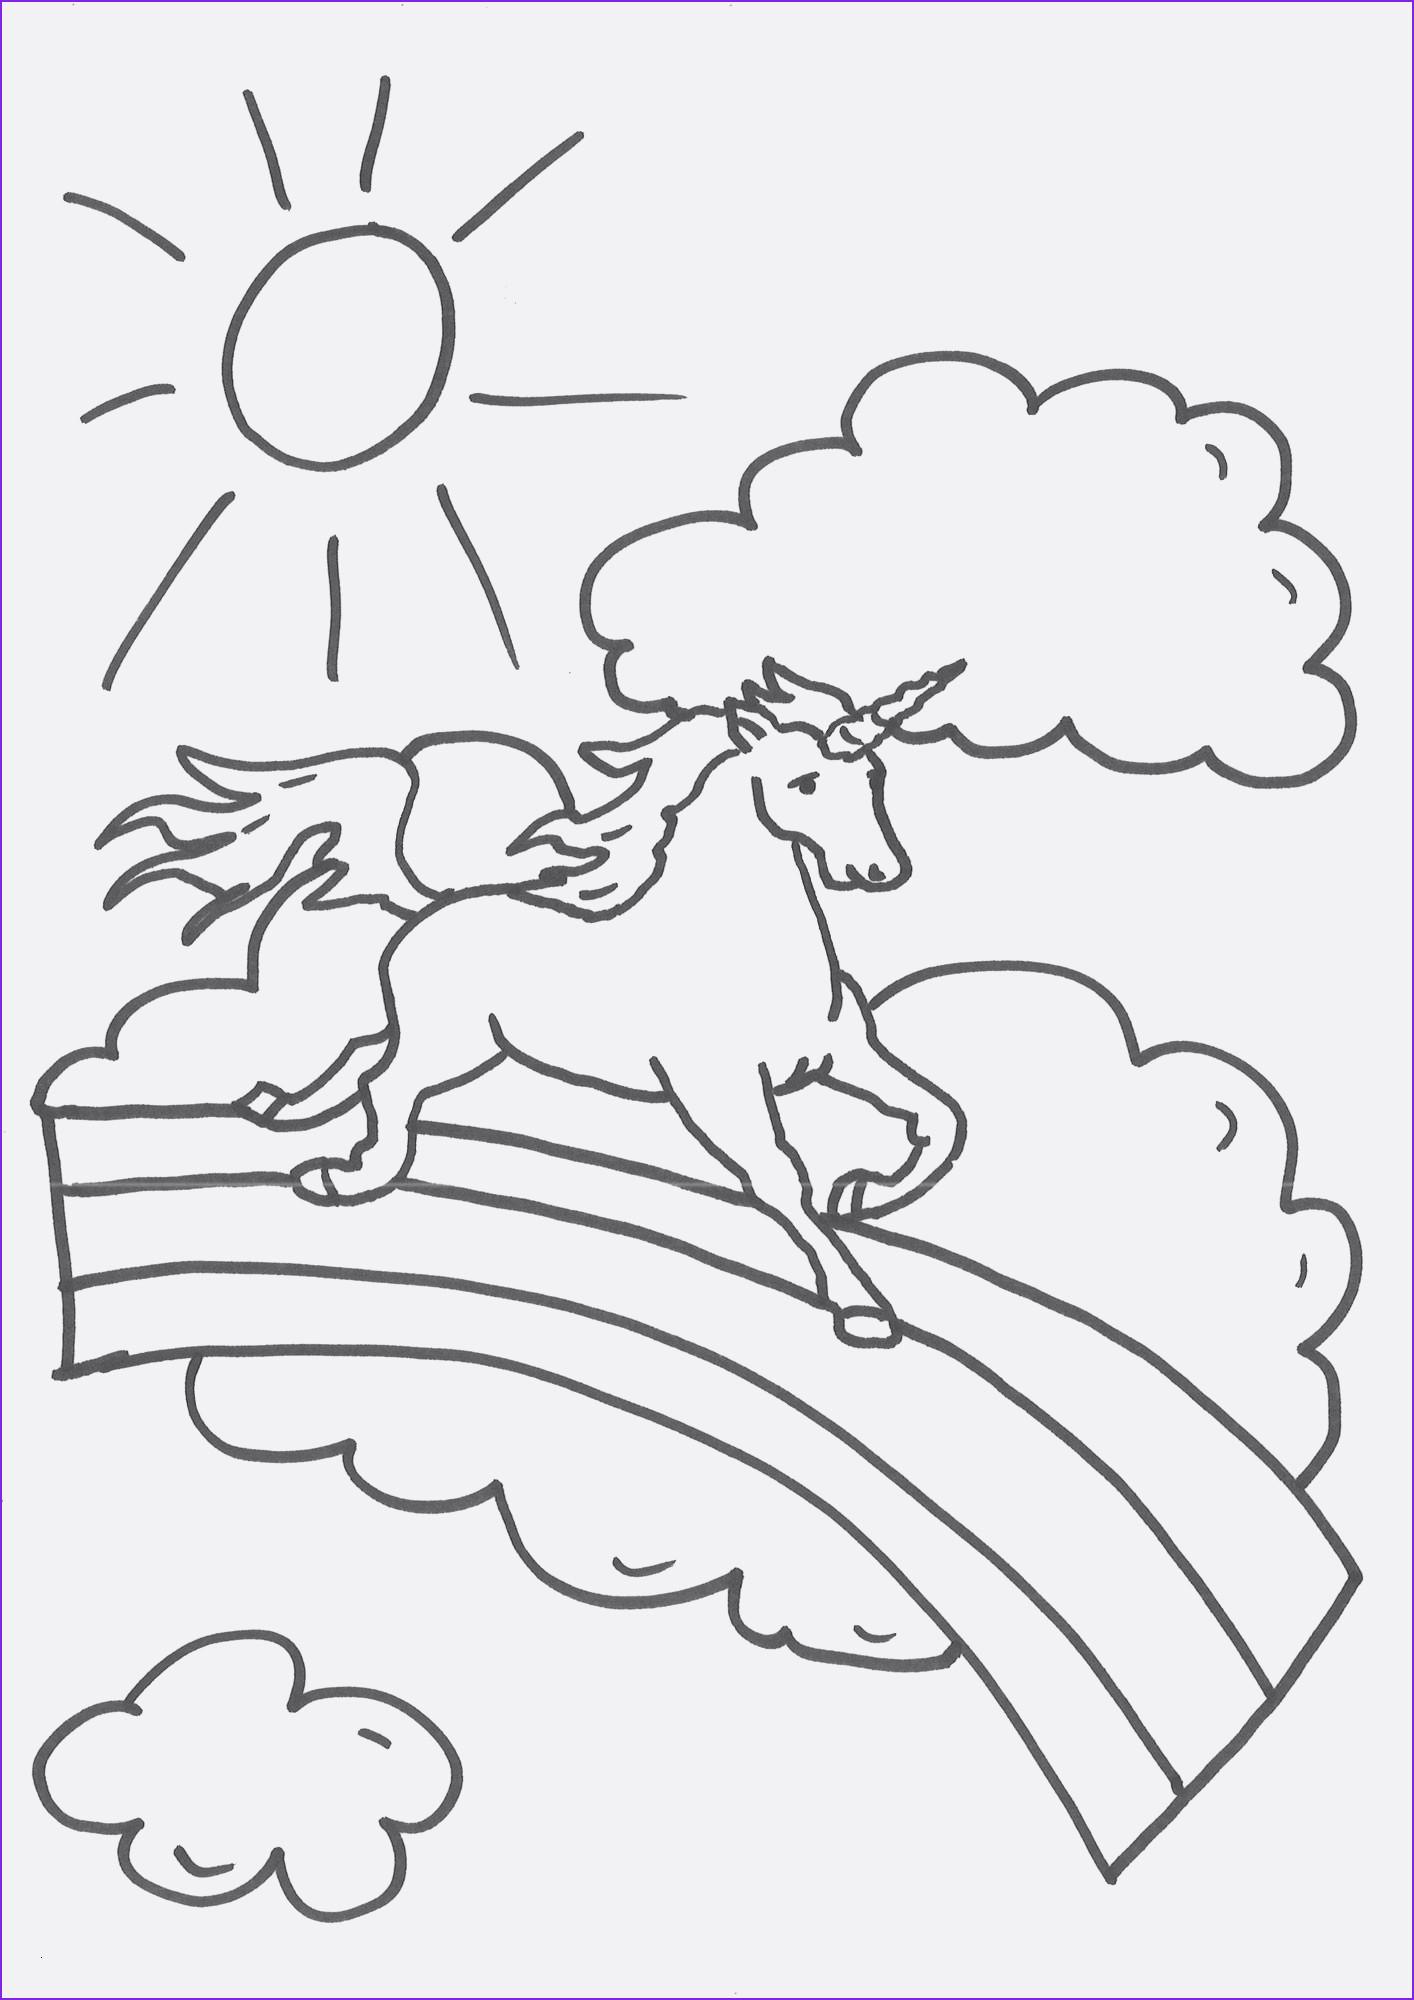 Einhorn Bilder Zum Drucken Frisch Ausmalbilder Einhorn Pummel Elegant 60 Ausmalbilder Einhorn Pummel Bilder